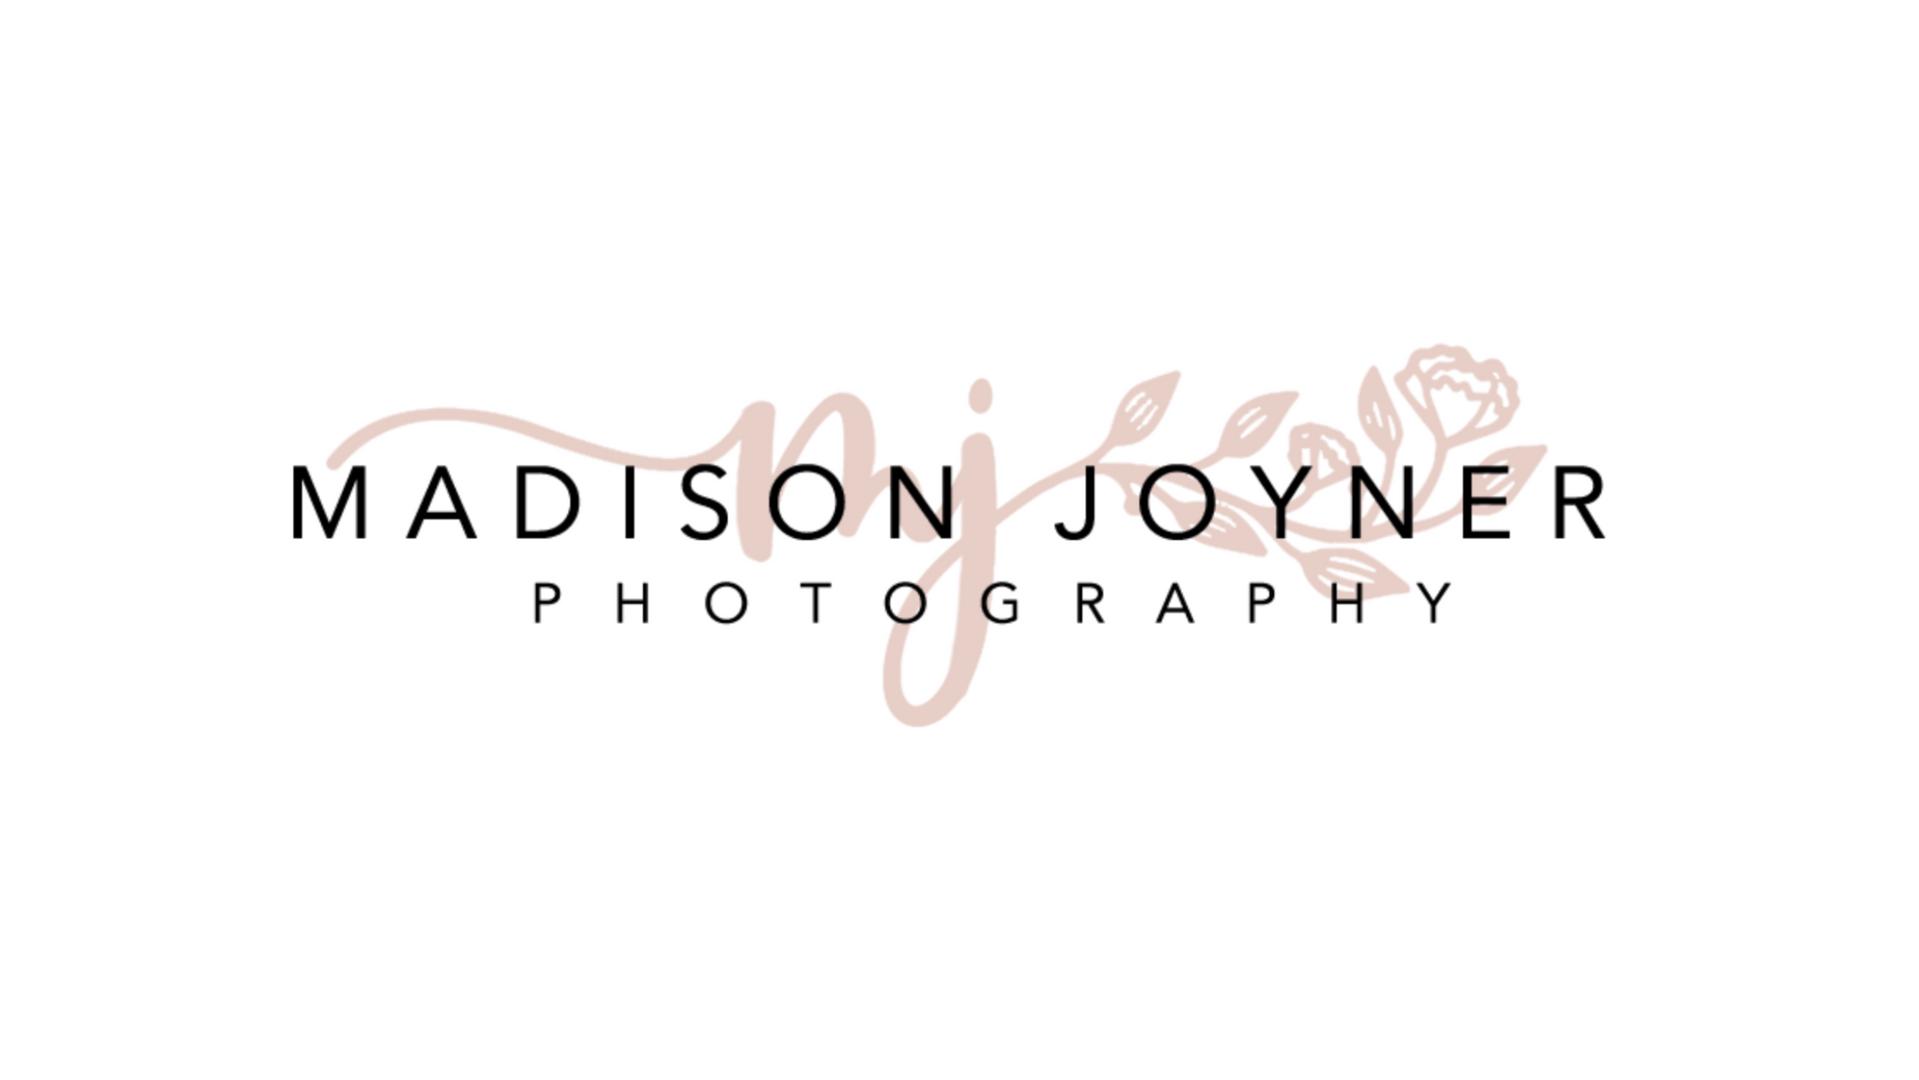 Madison Joyner Photography